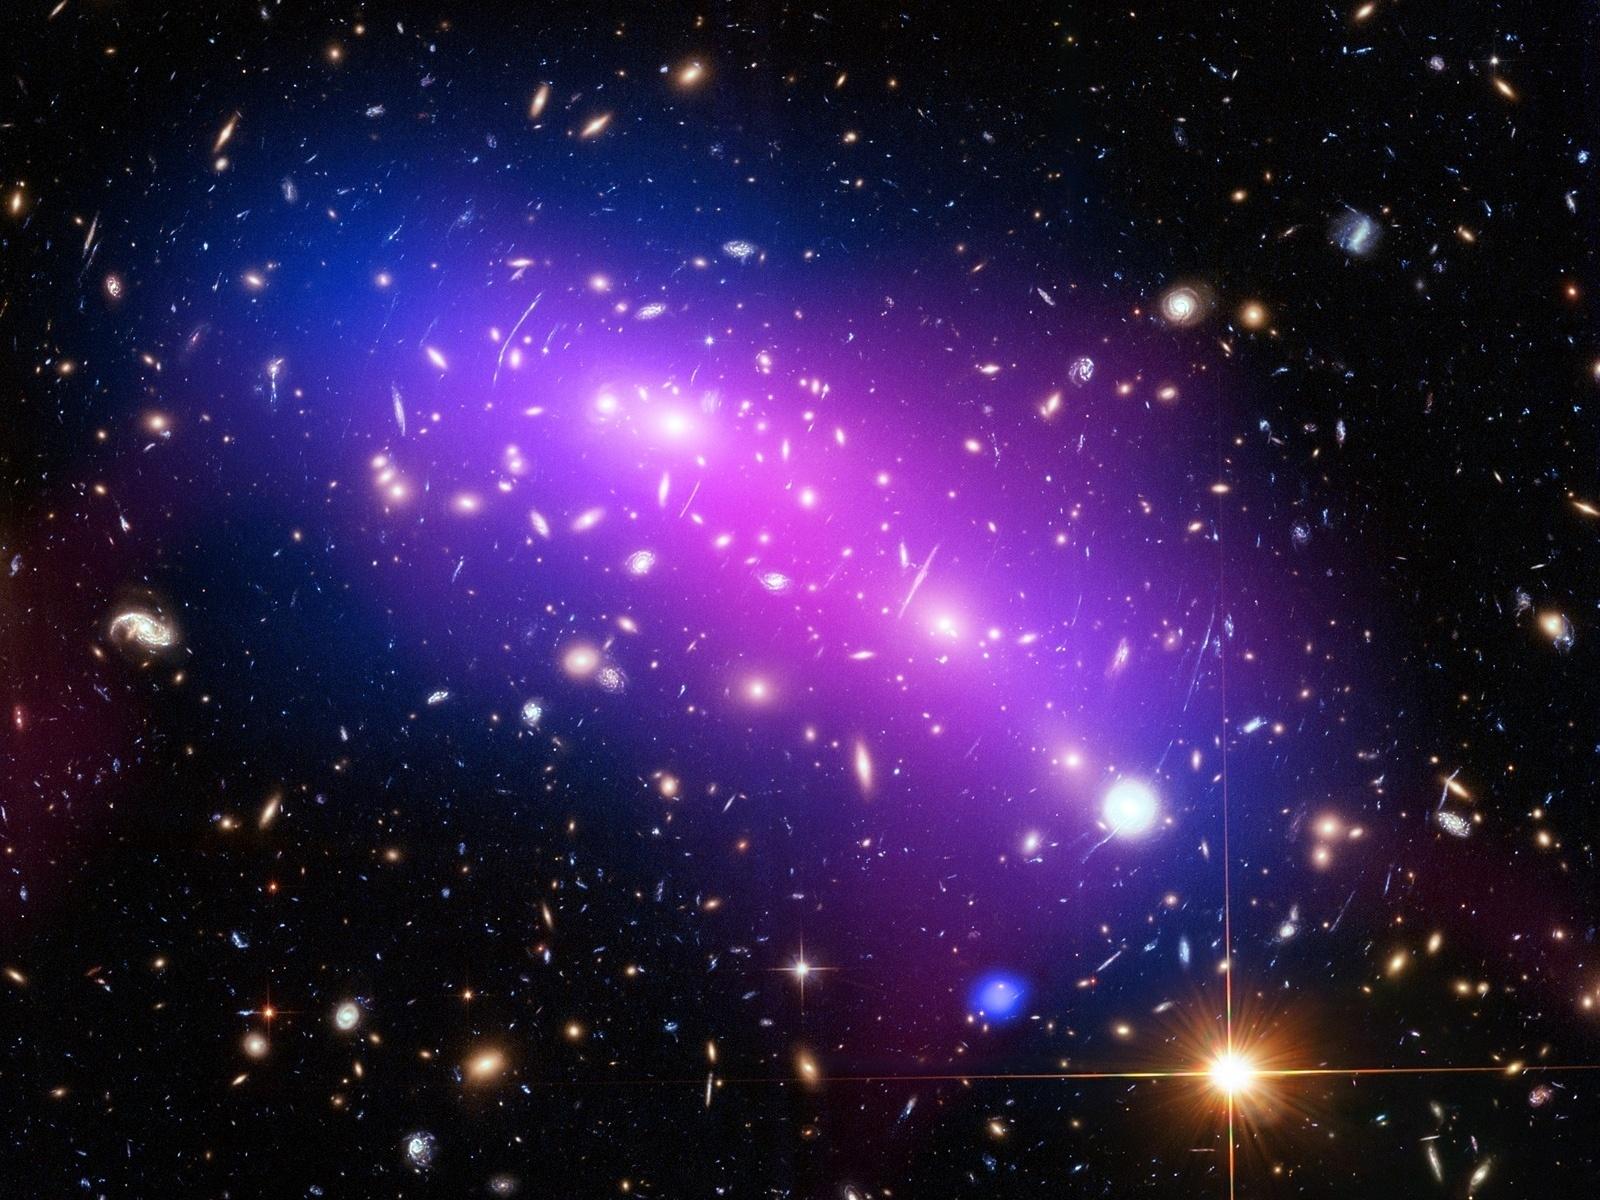 21.mar.2016 - CALEIDOSCÓPIO CÓSMICO - A imagem é linda e pode dar sensação de calmaria, mas a névoa multicolorida mostra a colisão de dois aglomerados de galáxias, que se tornam um único objeto, conhecido como MACS J04161-2403. O objeto está localizado a cerca de 4,3 bilhões de anos-luz da Terra, na constelação de Eridanus, e para conseguir a foto os astrônomos precisaram juntar imagens de três telescópios diferentes: um do observatório de raios-x da Nasa (Agência Espacial Norte-Americana), o telescópio Hubble e um aparelho da Fundação Nacional da Ciência